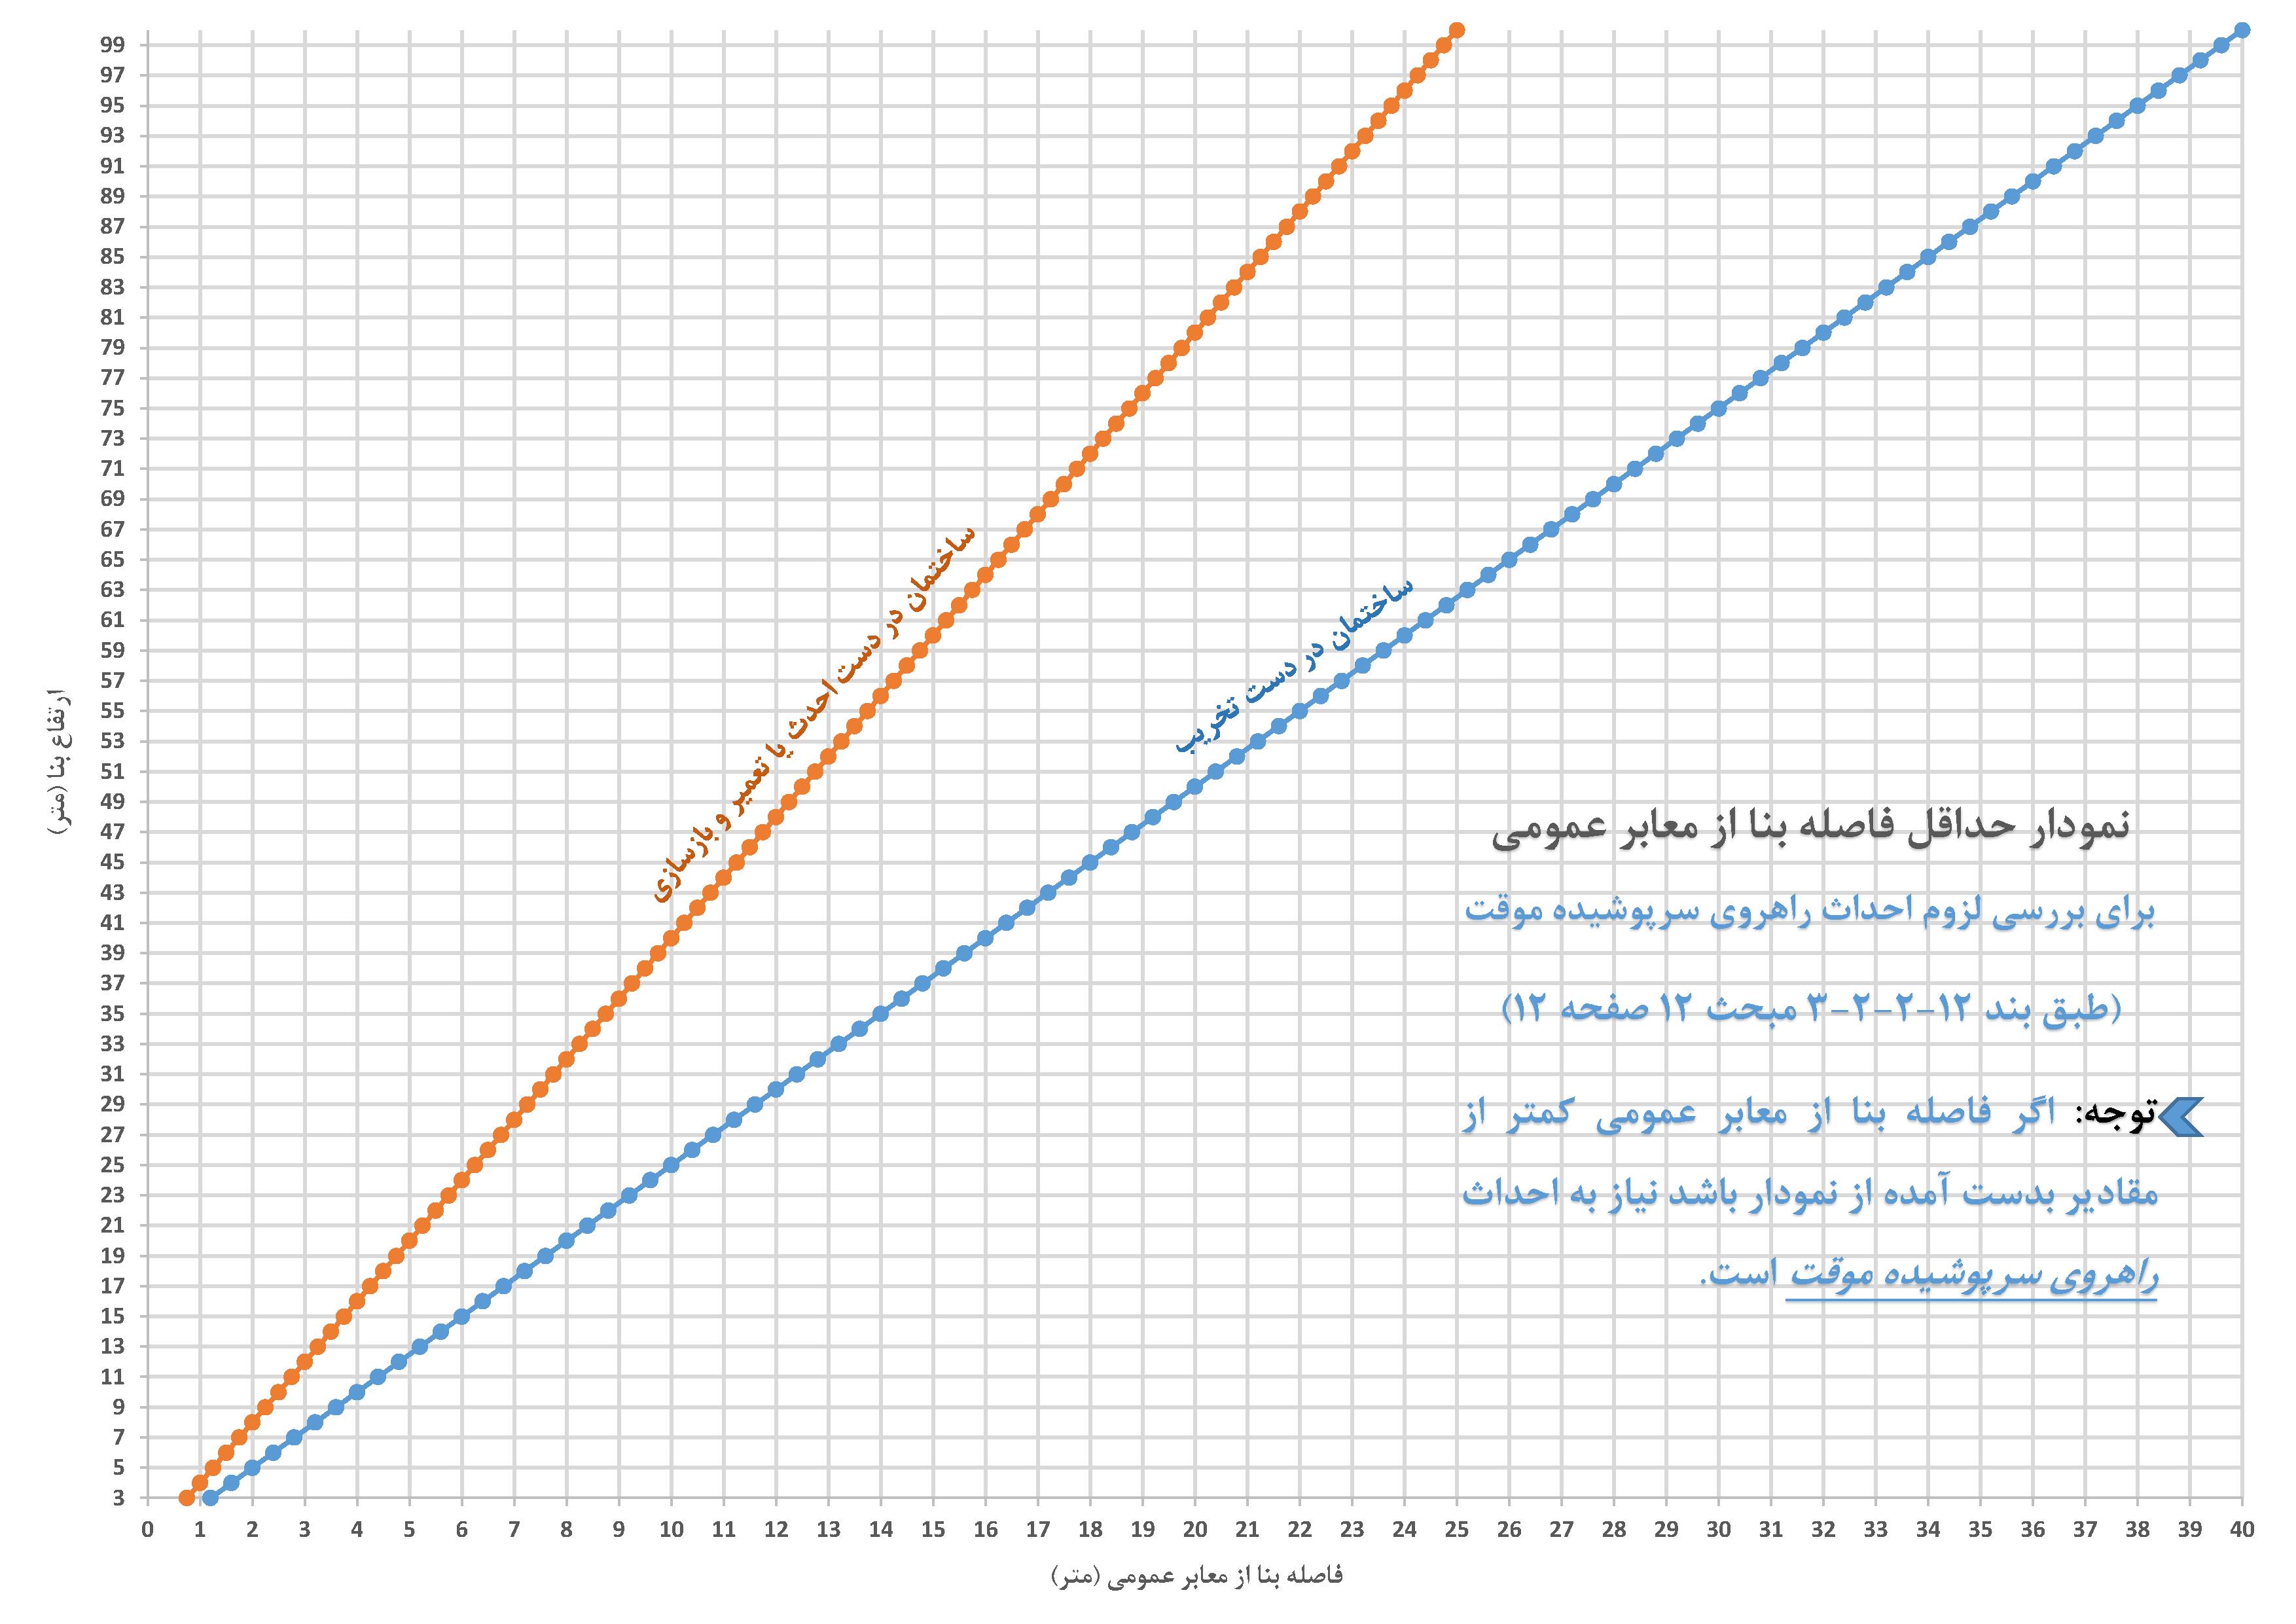 نمودار حداقل فاصله بنا از معابر عمومی